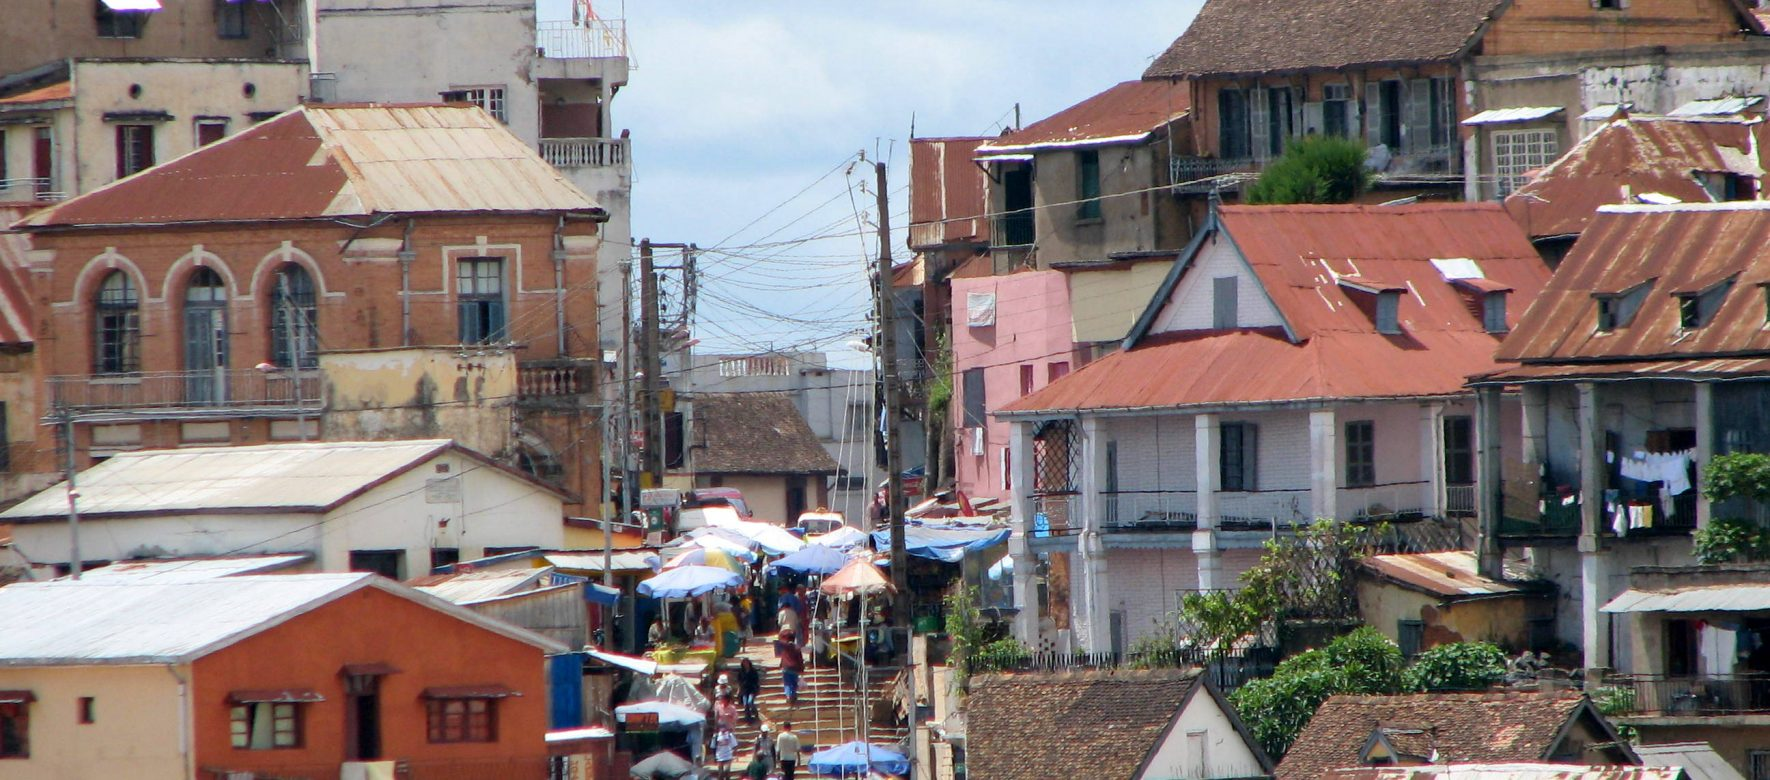 Outsourcia devient actionnaire majoritaire de SCEMI et s'installe à Madagascar